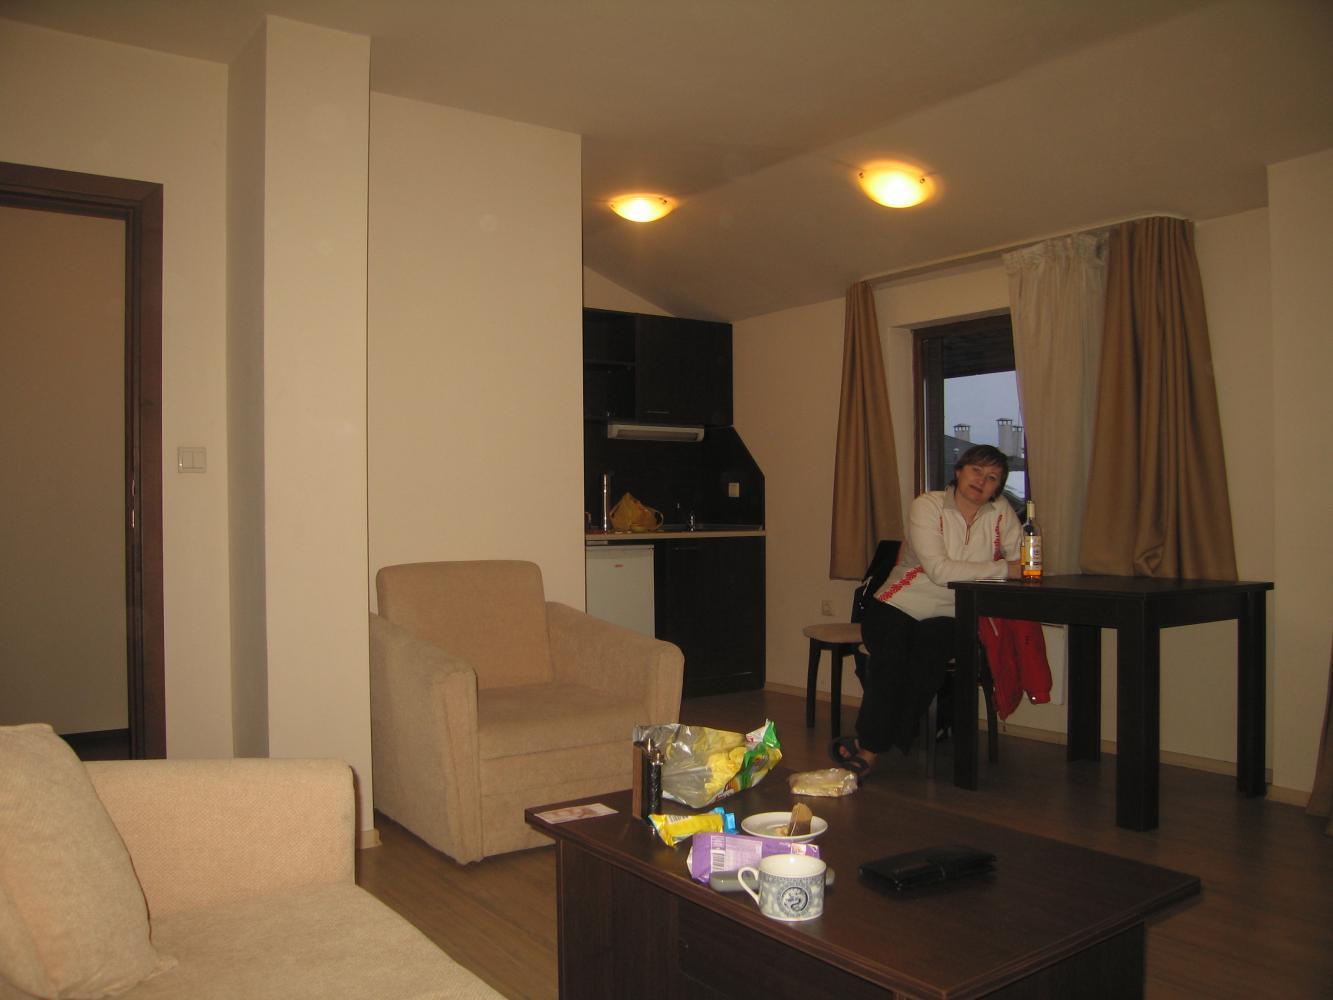 Апартаменты с кухней, слева вход в коридор, где прихожая и ванная, далее спалня